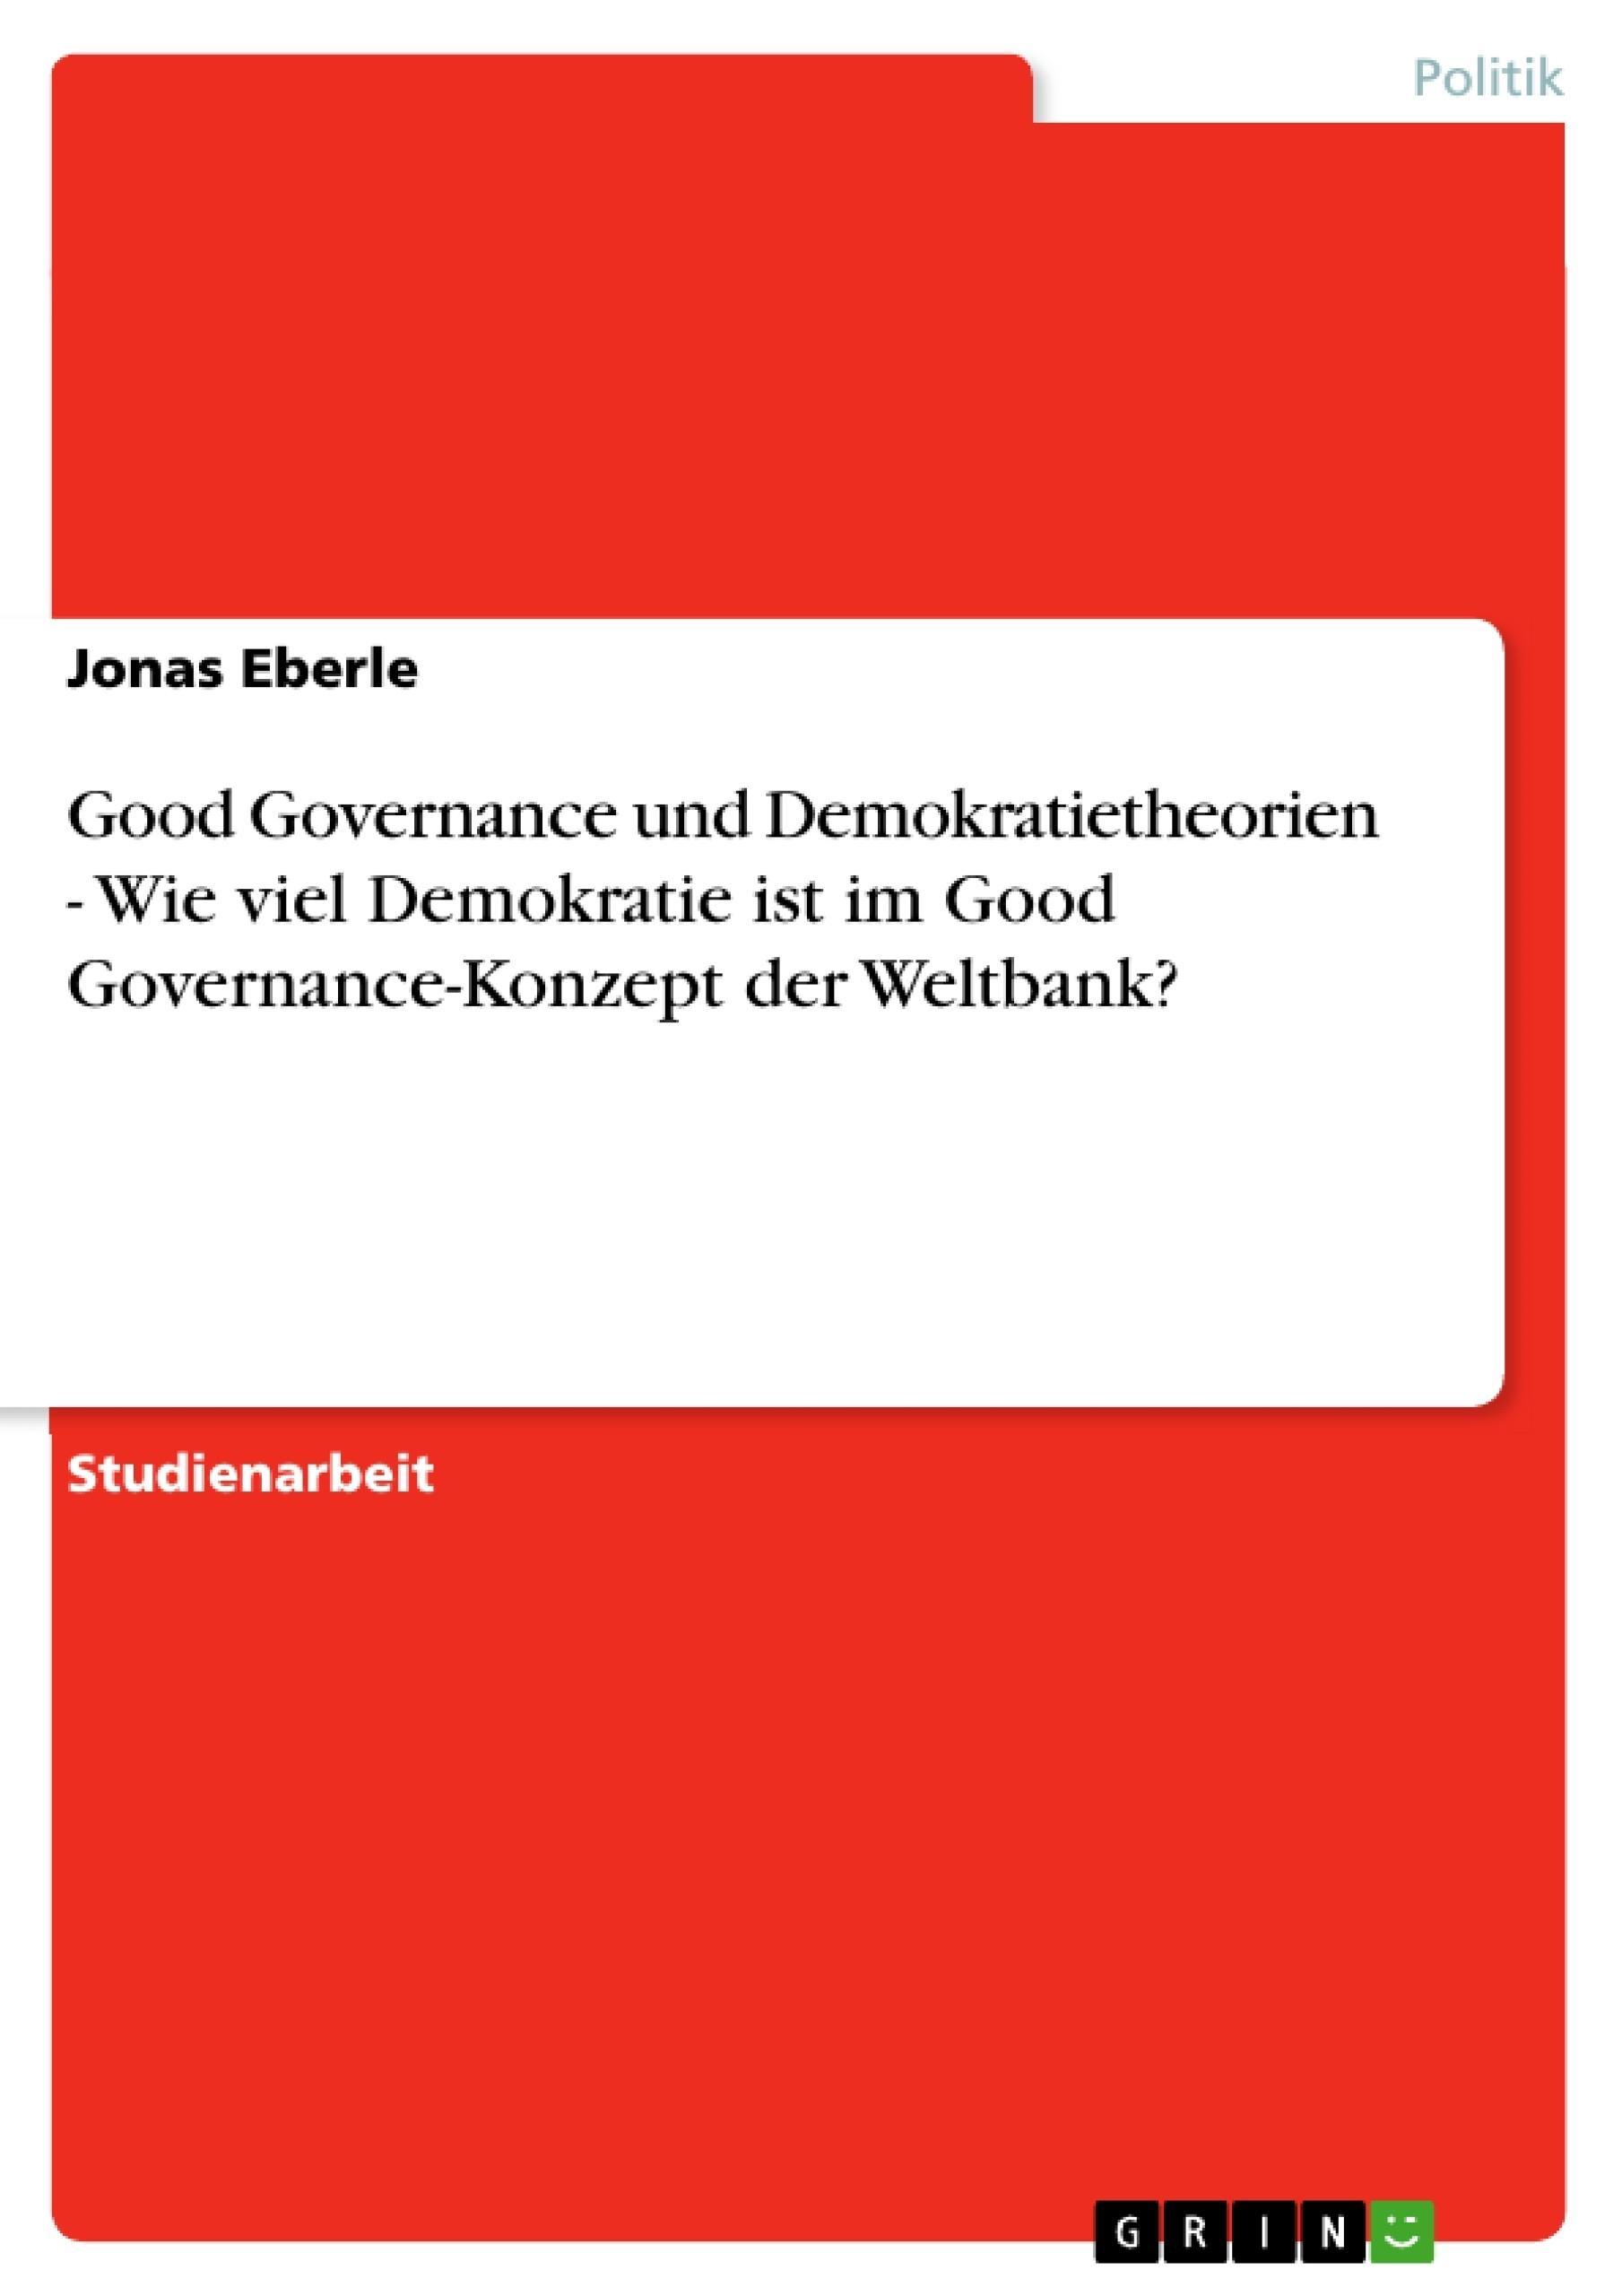 Titel: Good Governance und Demokratietheorien - Wie viel Demokratie ist im Good Governance-Konzept der Weltbank?